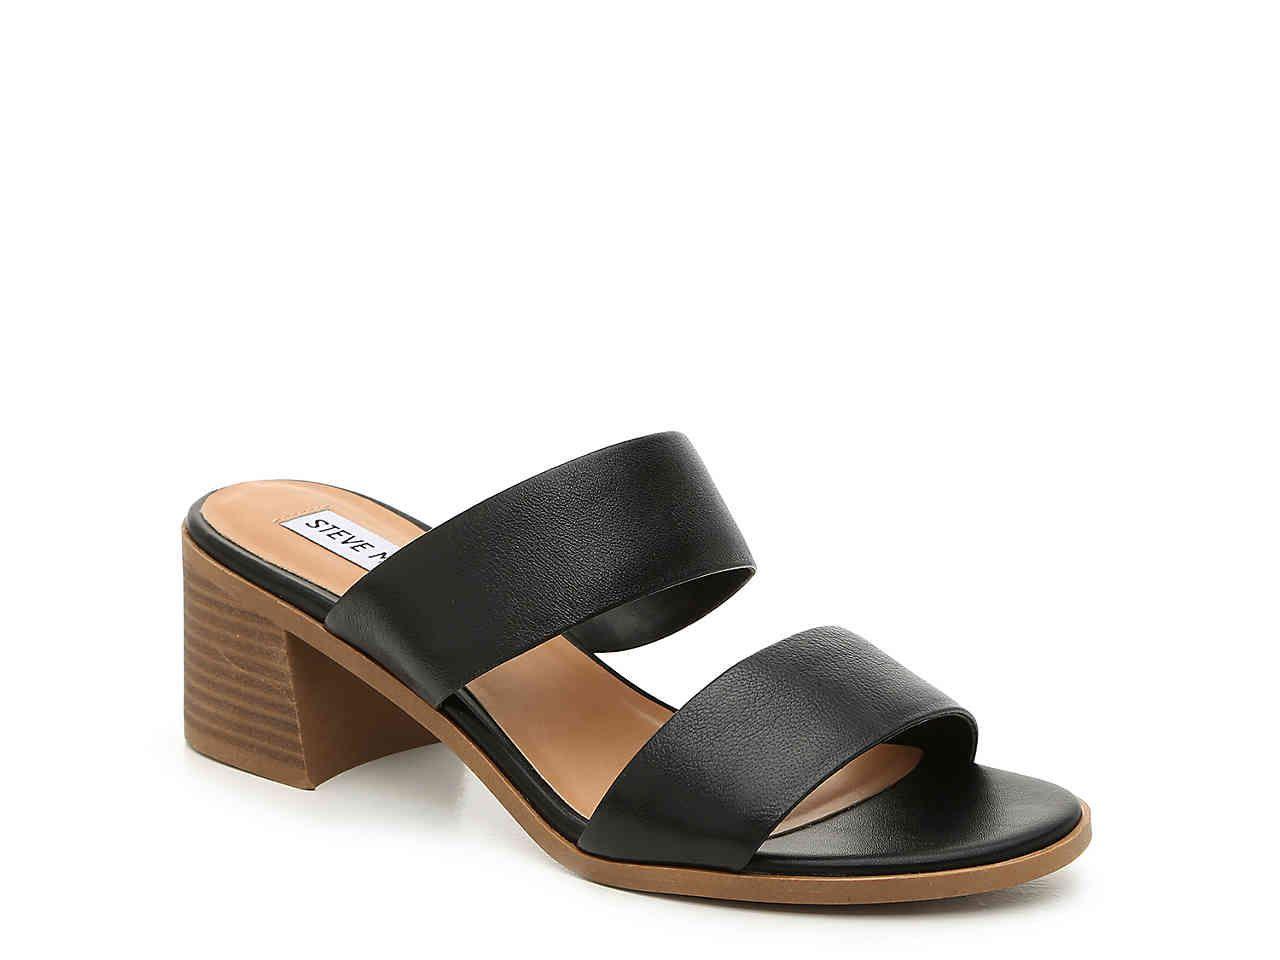 Women Swift Sandal Cognac | Shoes, Sandals, Two strap sandals